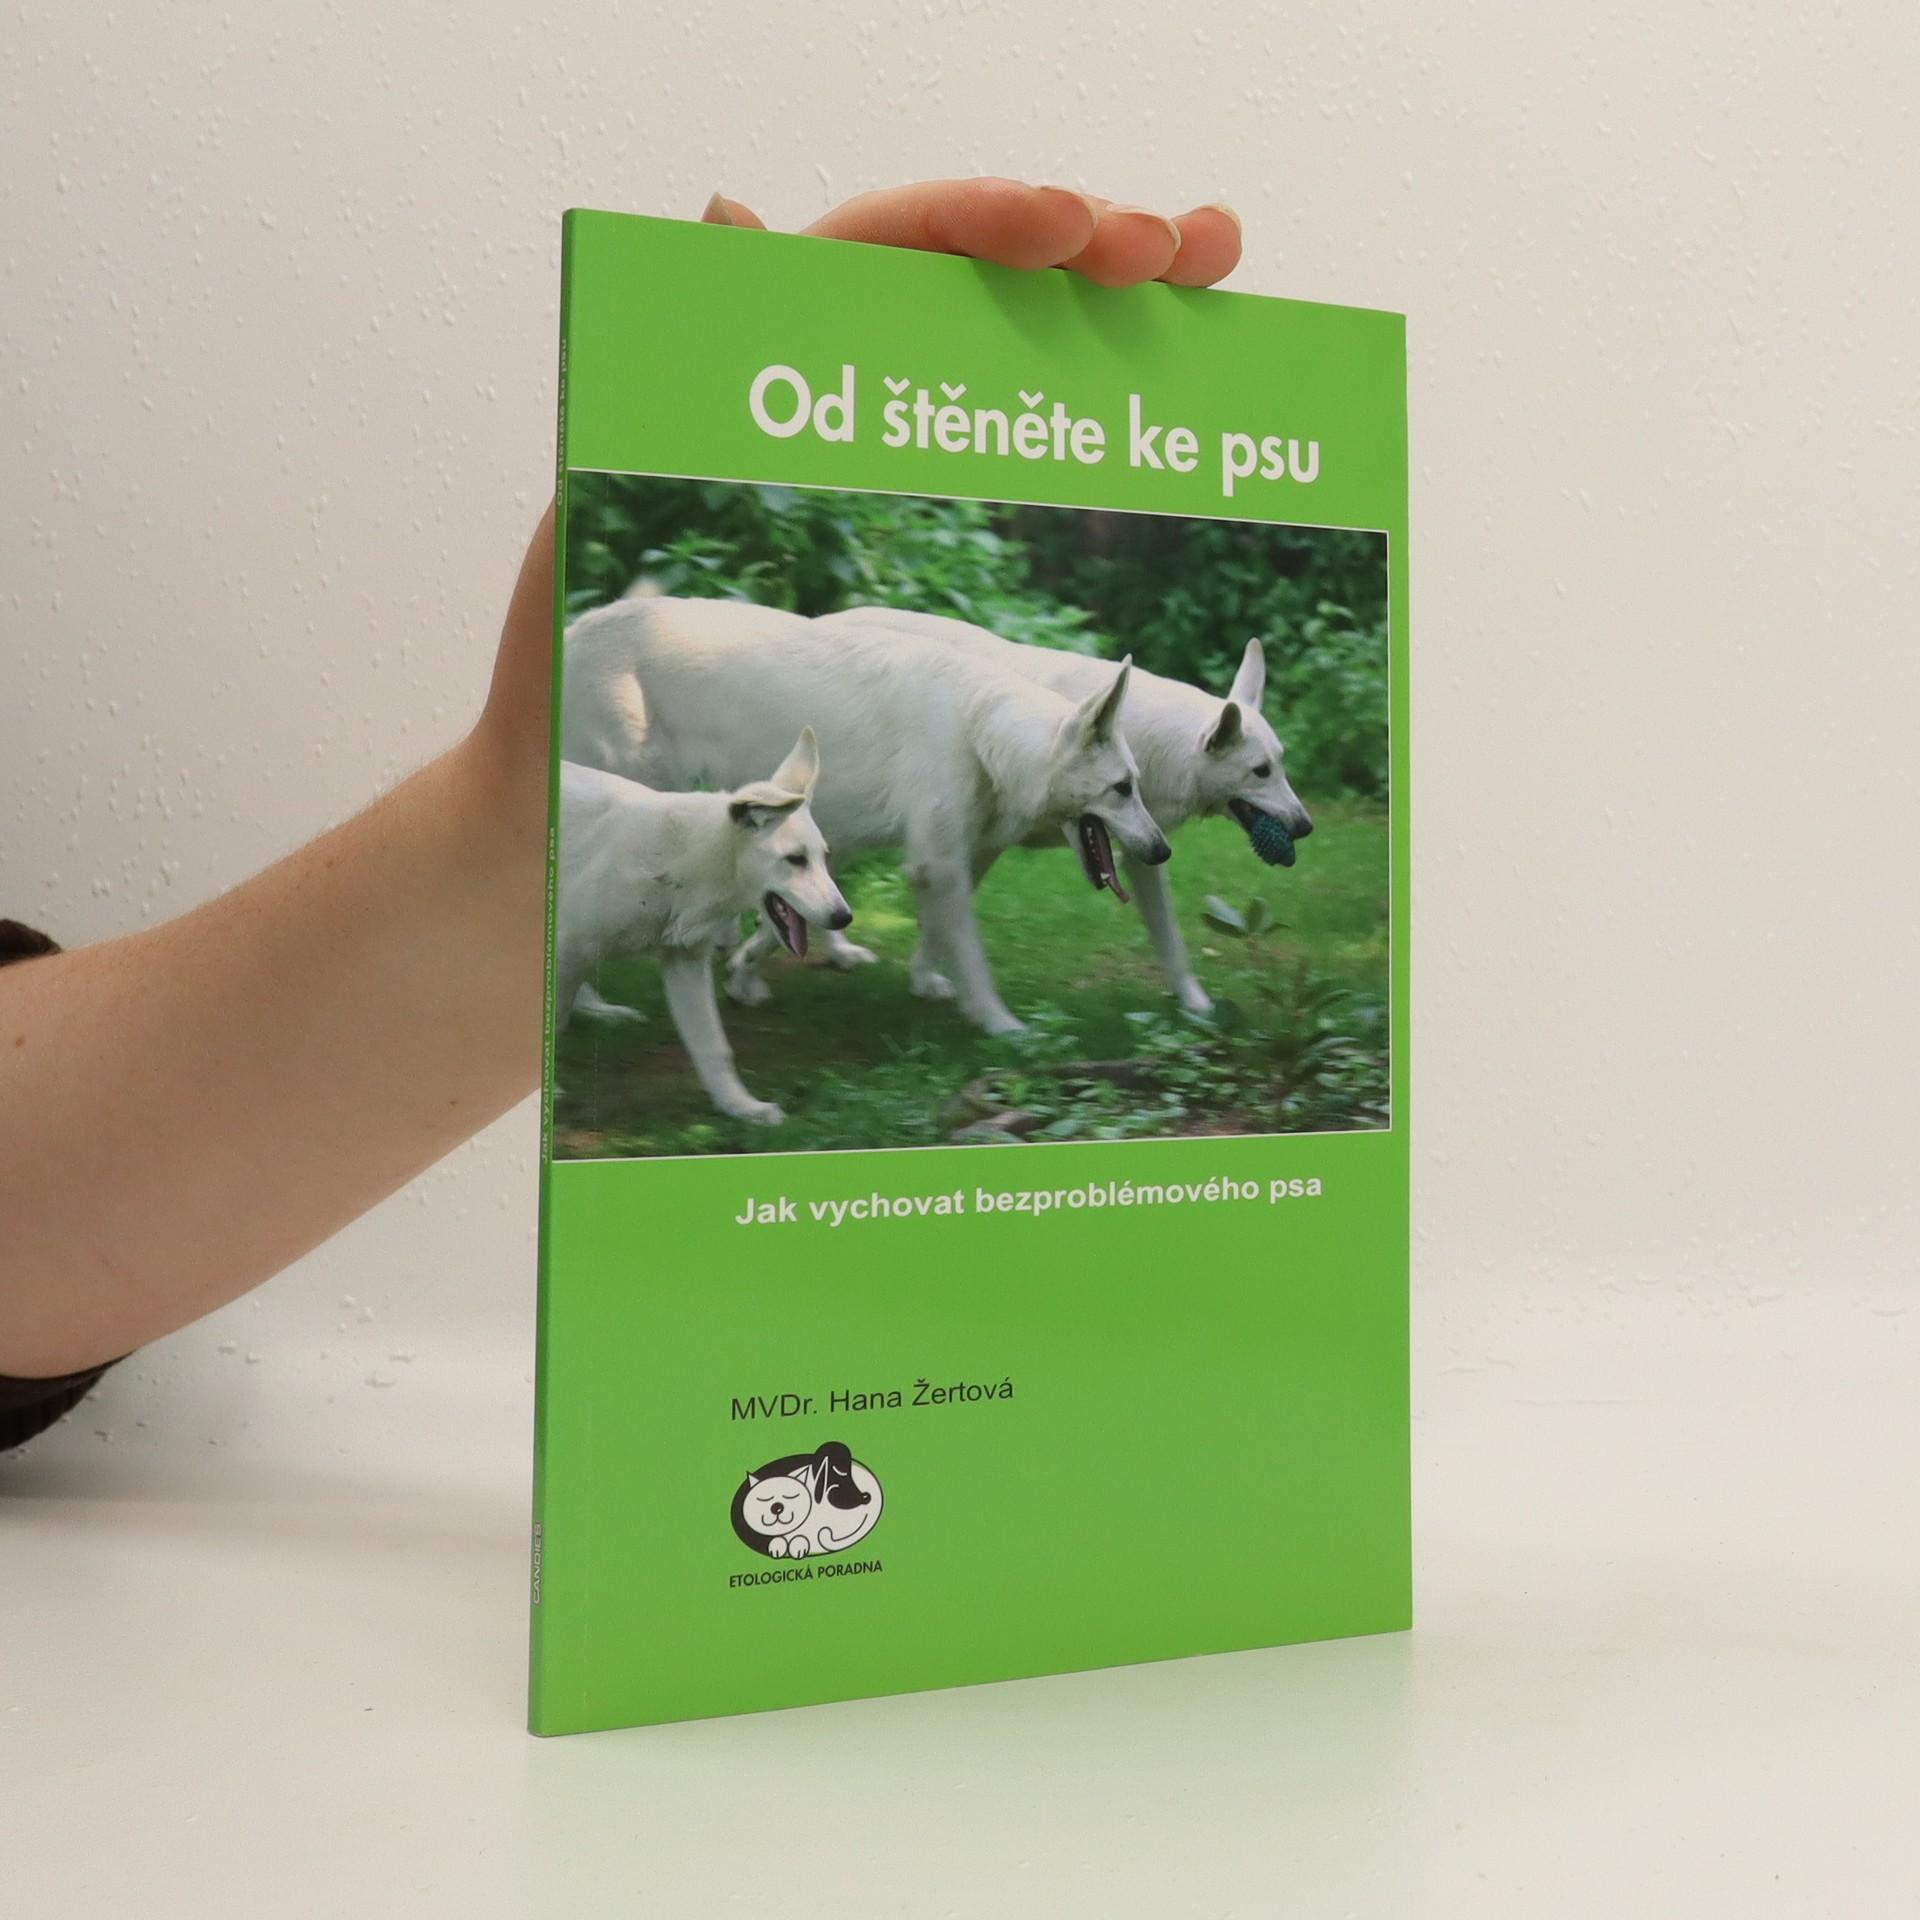 antikvární kniha Od štěněte ke psu : Jak vychovat bezproblémového psa, 2007